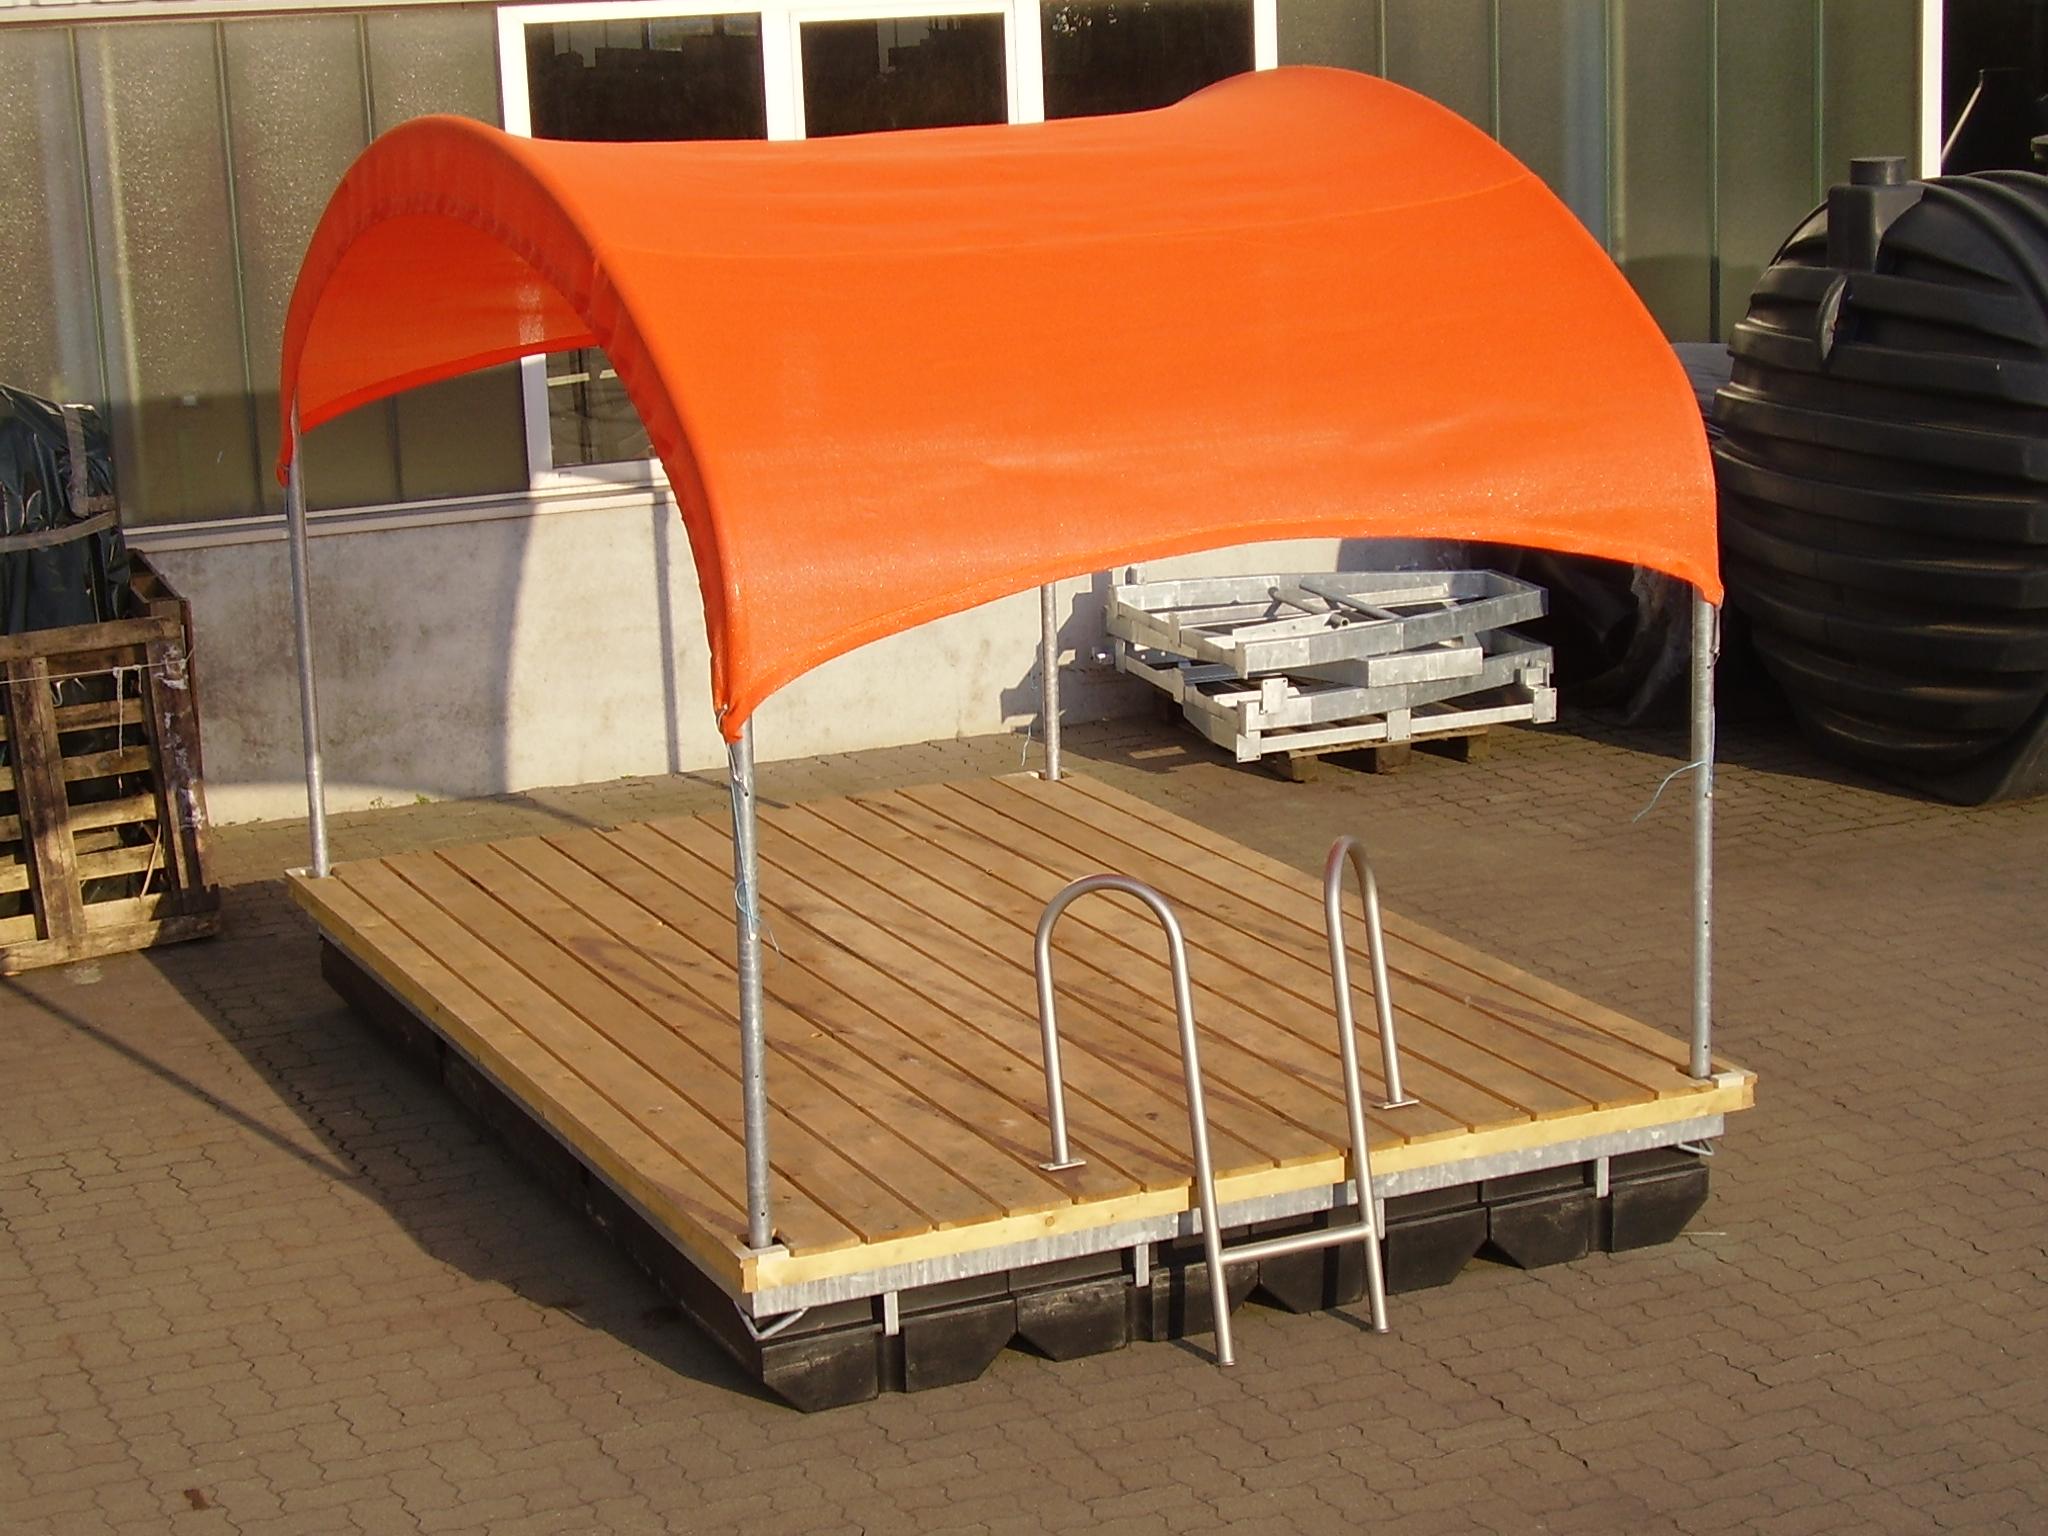 Eine trockengelegte Schwimminsel mit Sonnenschutz und Badeleiter